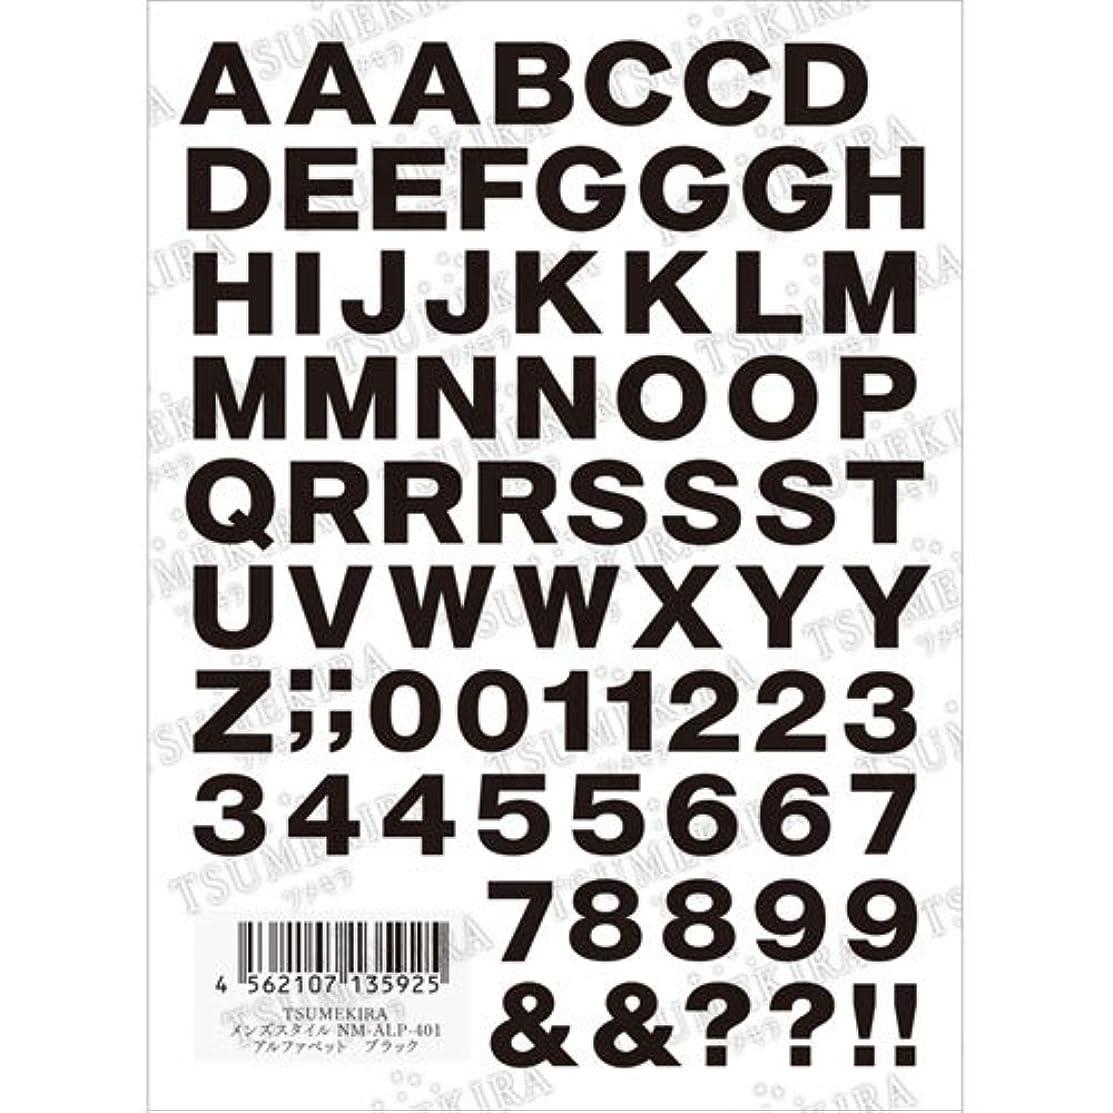 優れましたタイル予言するTSUMEKIRA(ツメキラ) ネイルシール アルファベット ブラック NM-ALP-401 1枚